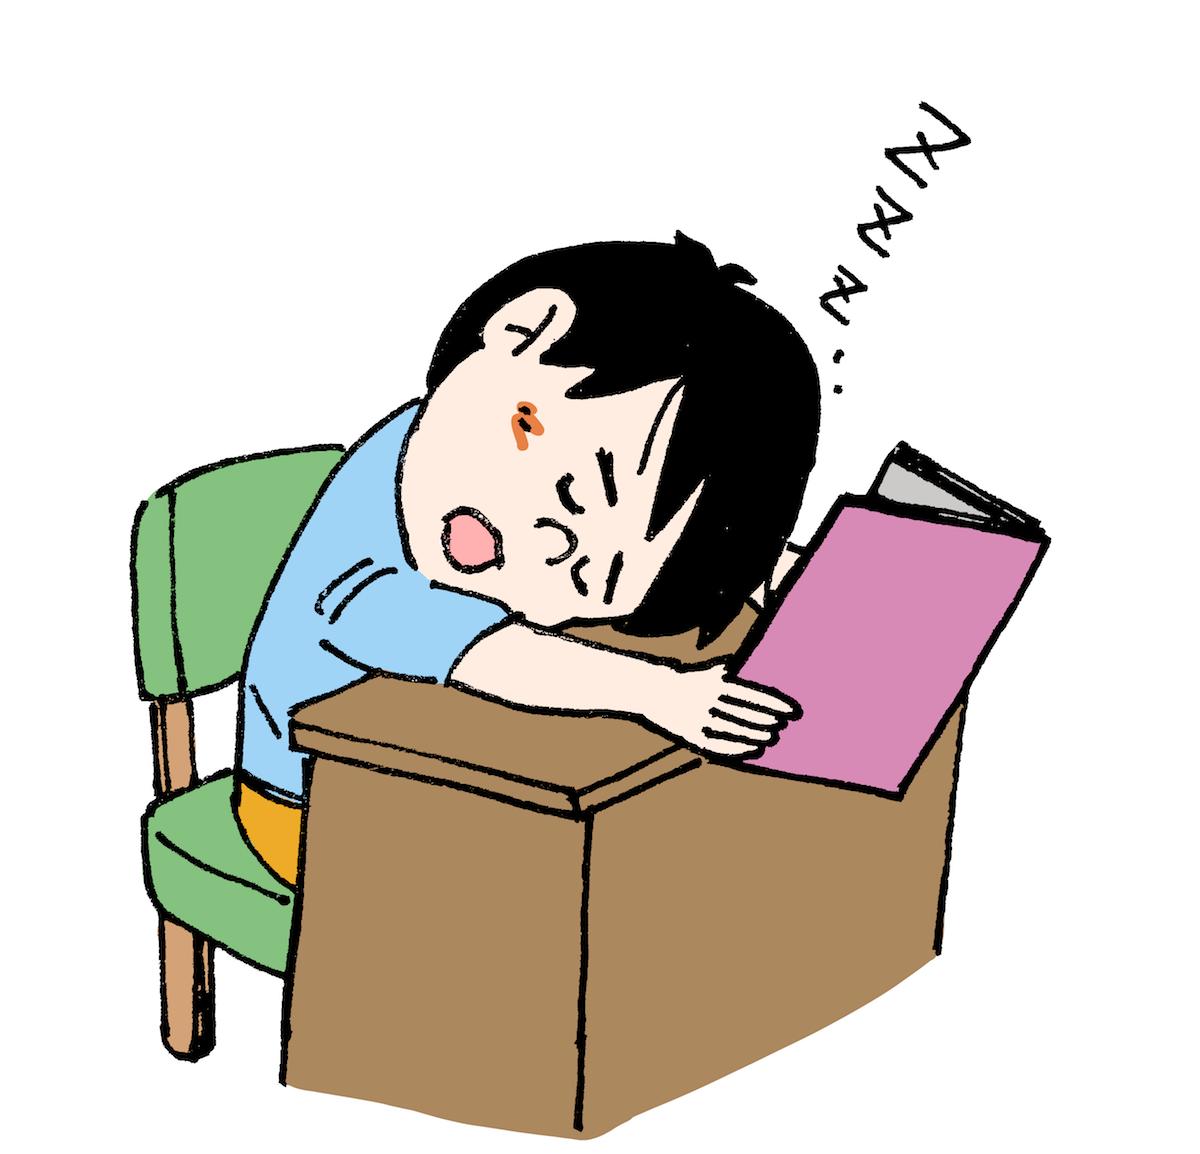 「読書 眠い」の画像検索結果